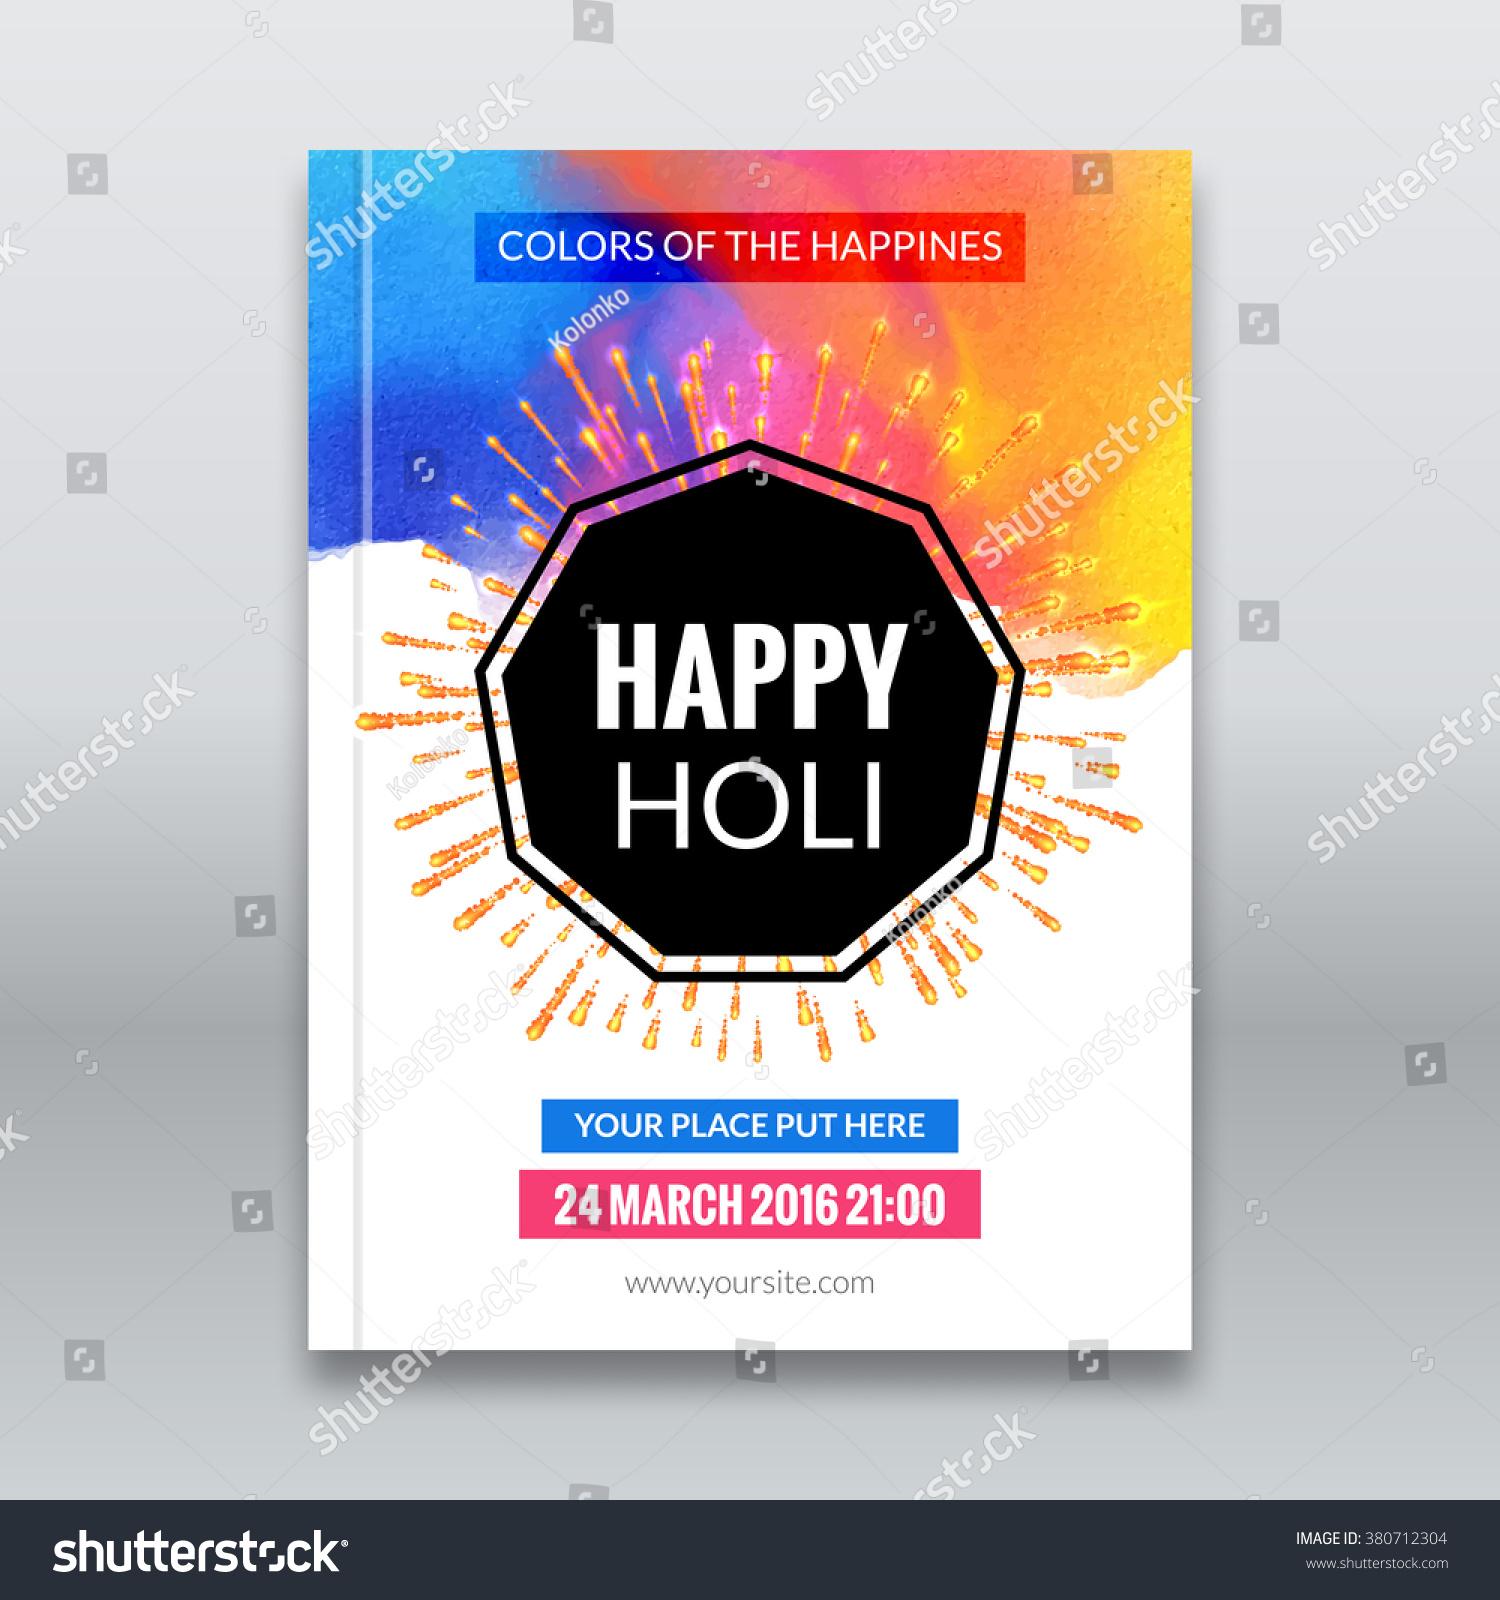 festival brochure design - holi festival poster template flyer brochure stock vector